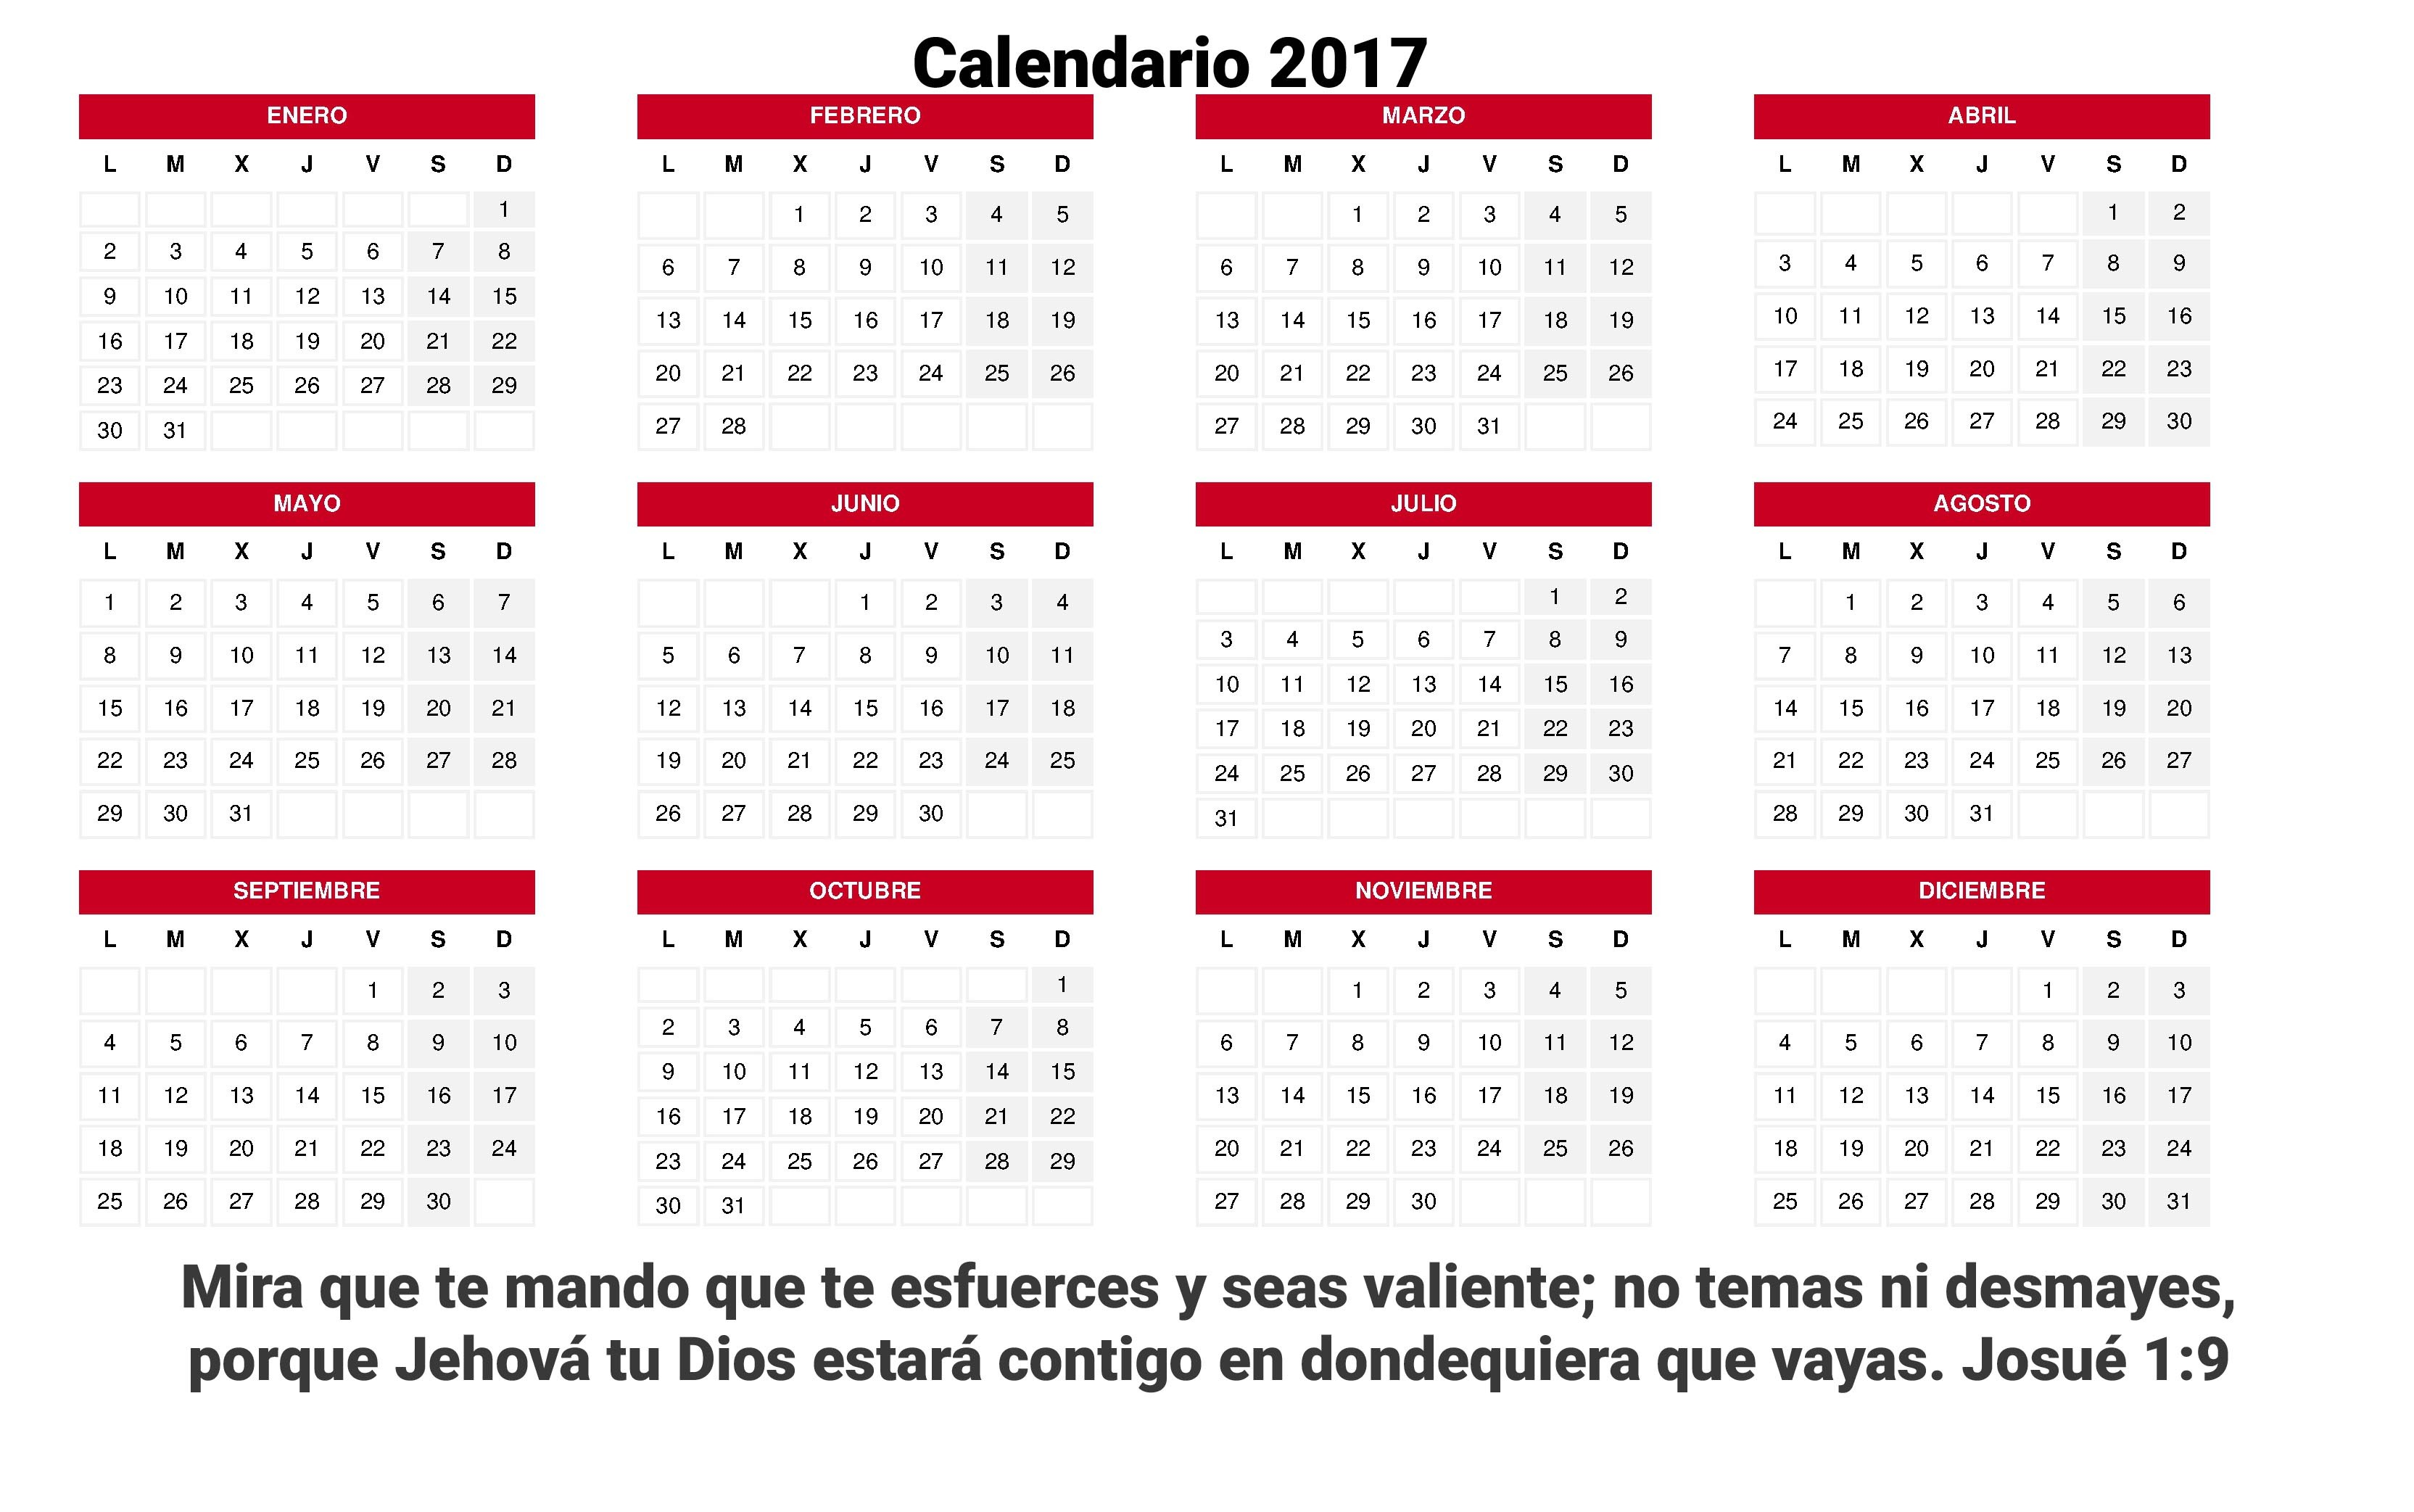 Calendario Enero 2019 Para Imprimir Más Recientes Calendarios Del Mes Kordurorddiner Of Calendario Enero 2019 Para Imprimir Más Recientemente Liberado Avisos Pºblicos Ciudad De Bayam³n